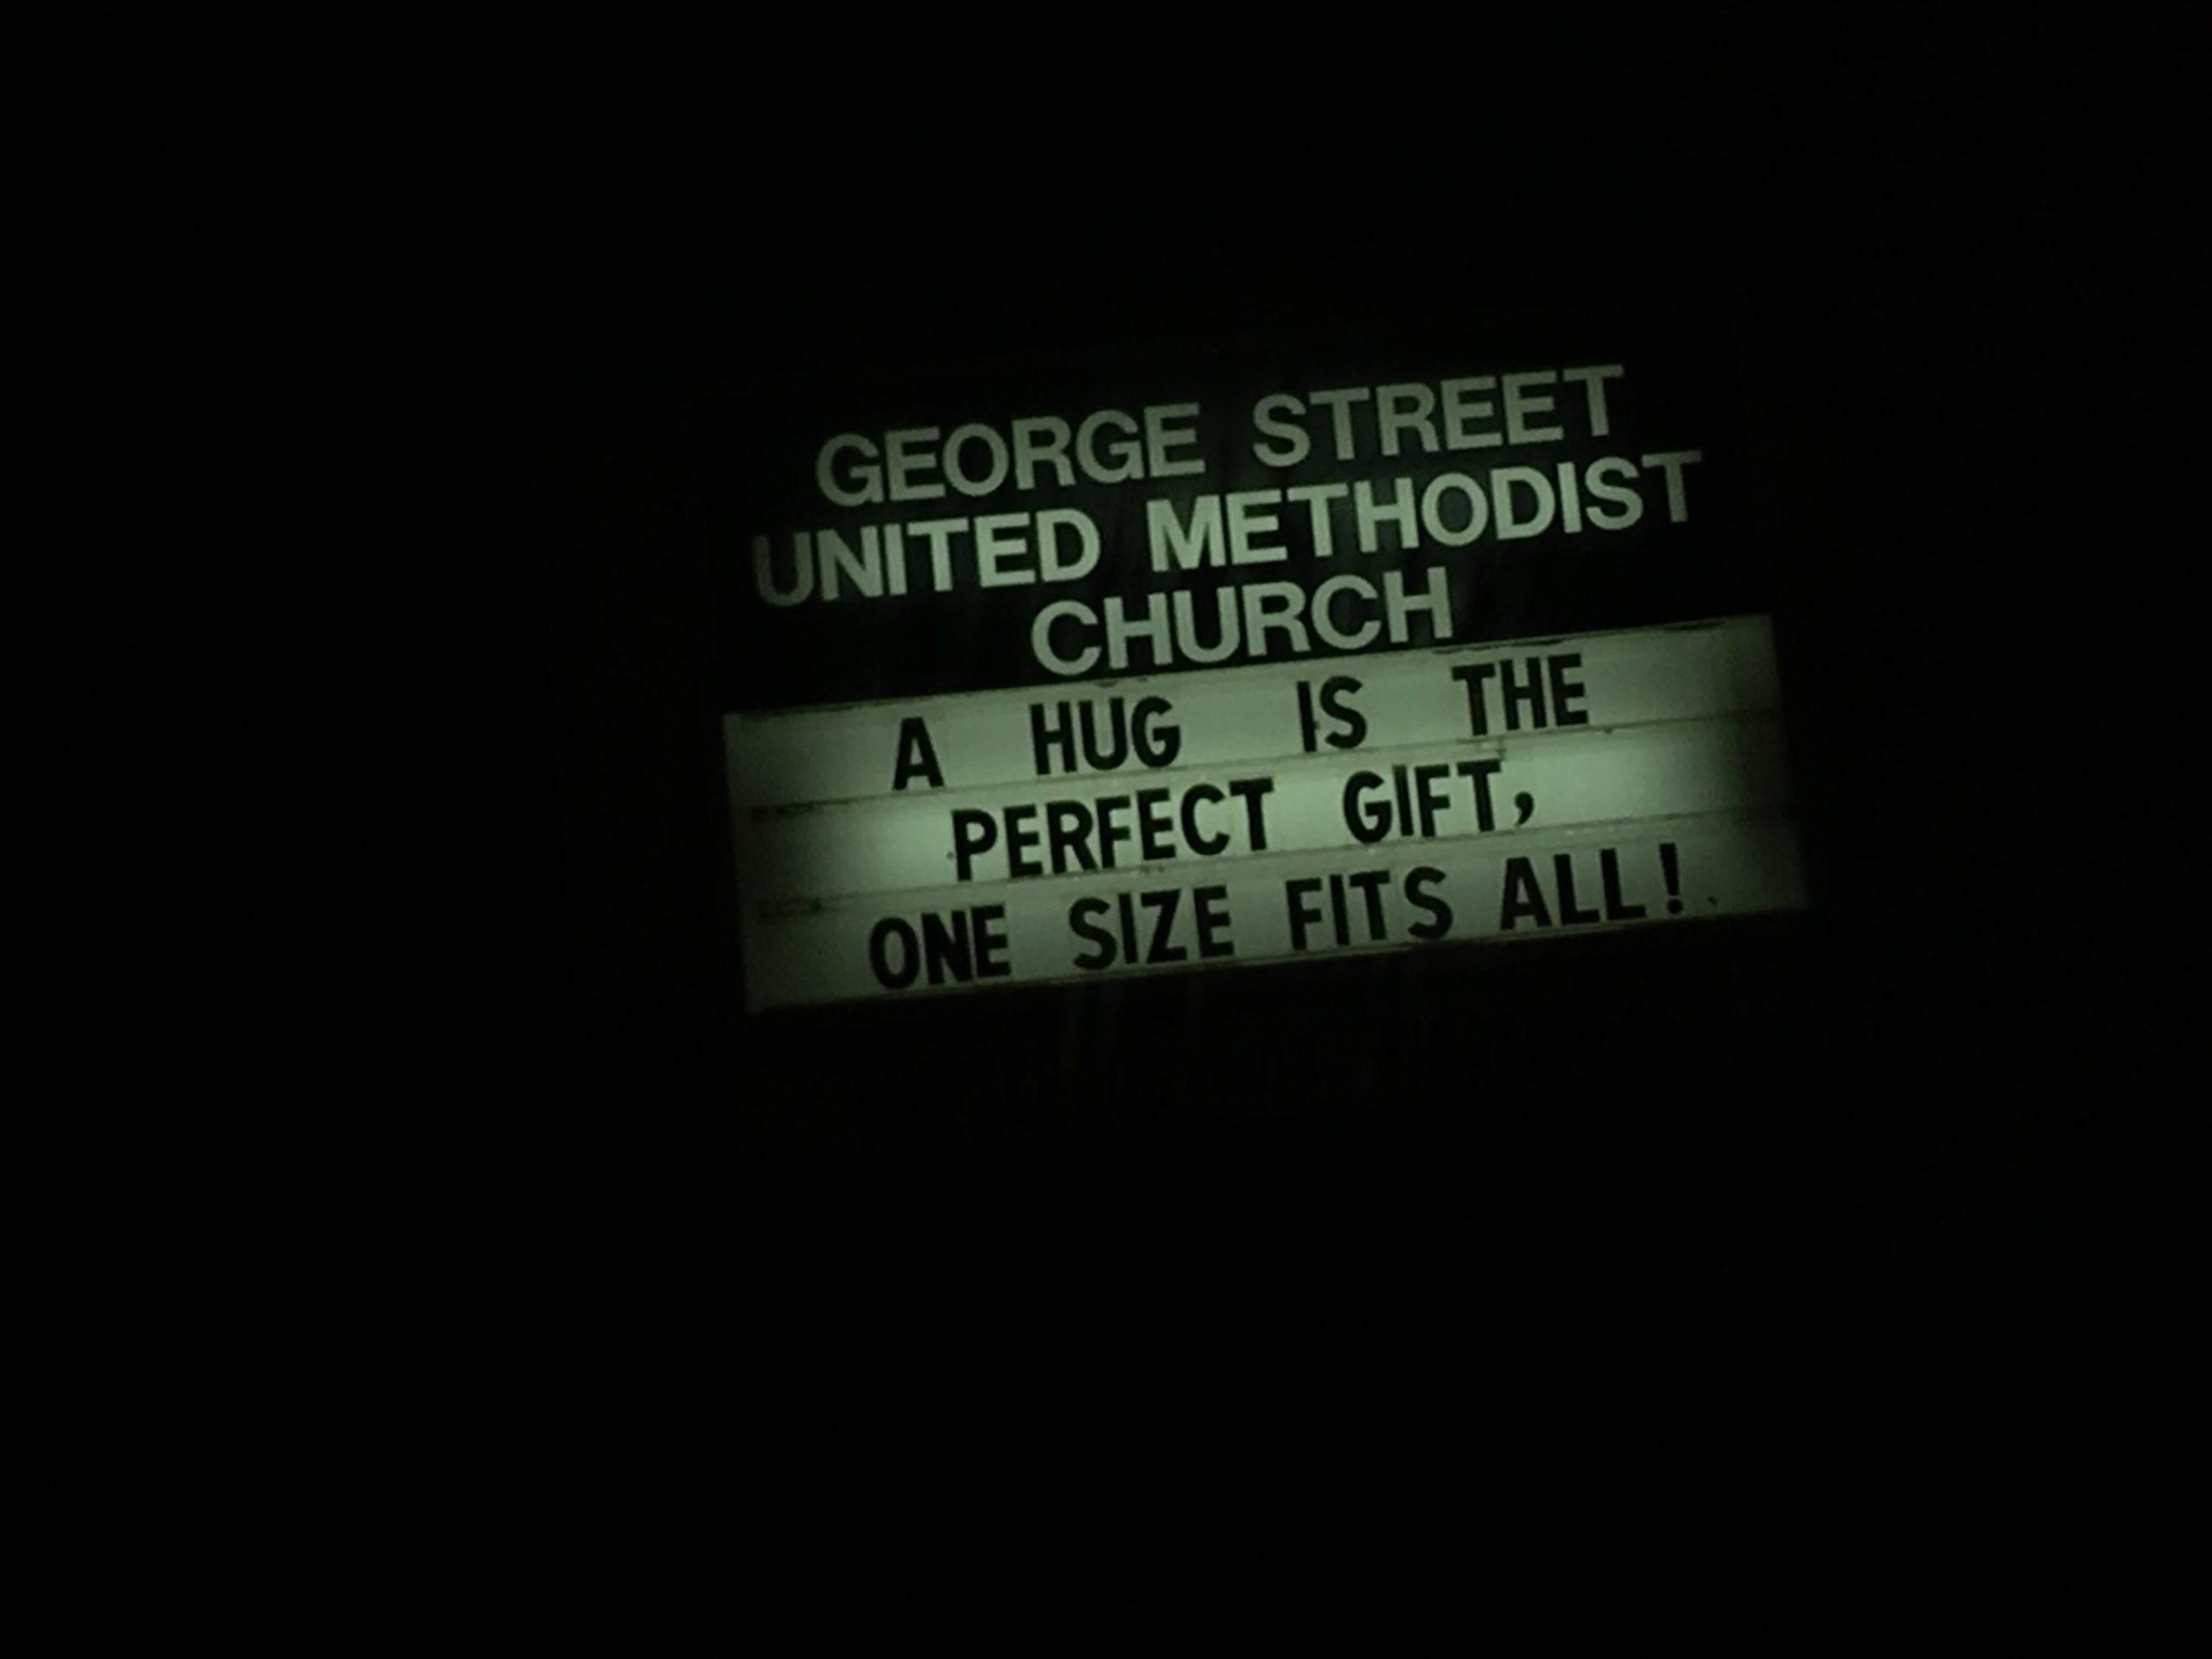 A Hug Church Sign